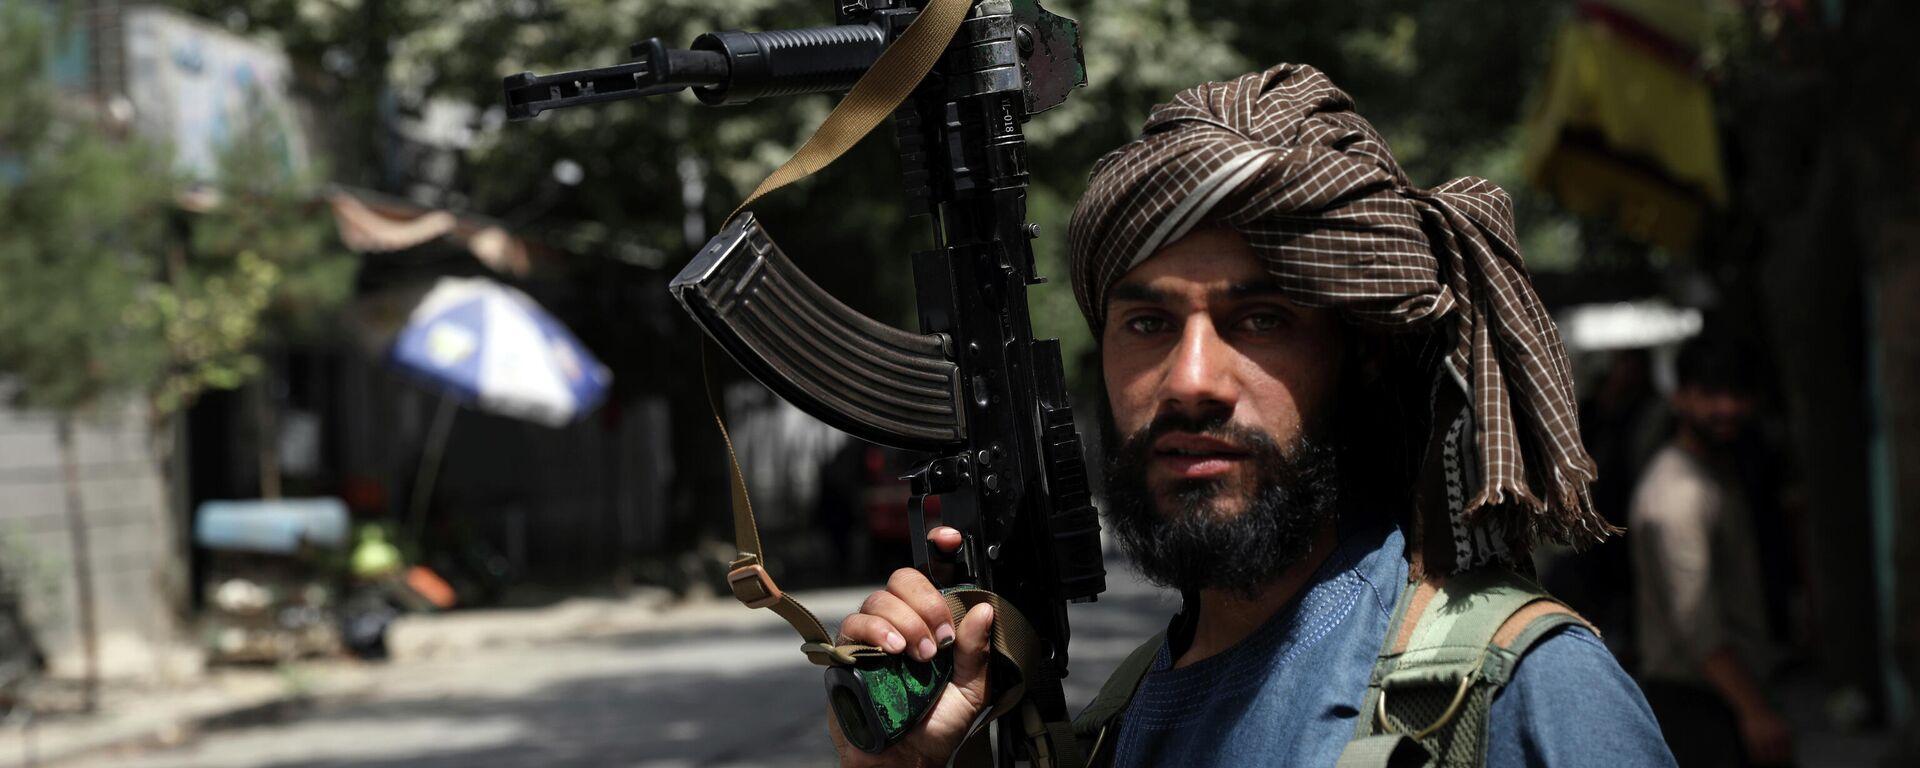 Боевики Талибана патрулируют район Вазир Акбар Хан в городе Кабул, Афганистан - Sputnik Таджикистан, 1920, 19.08.2021